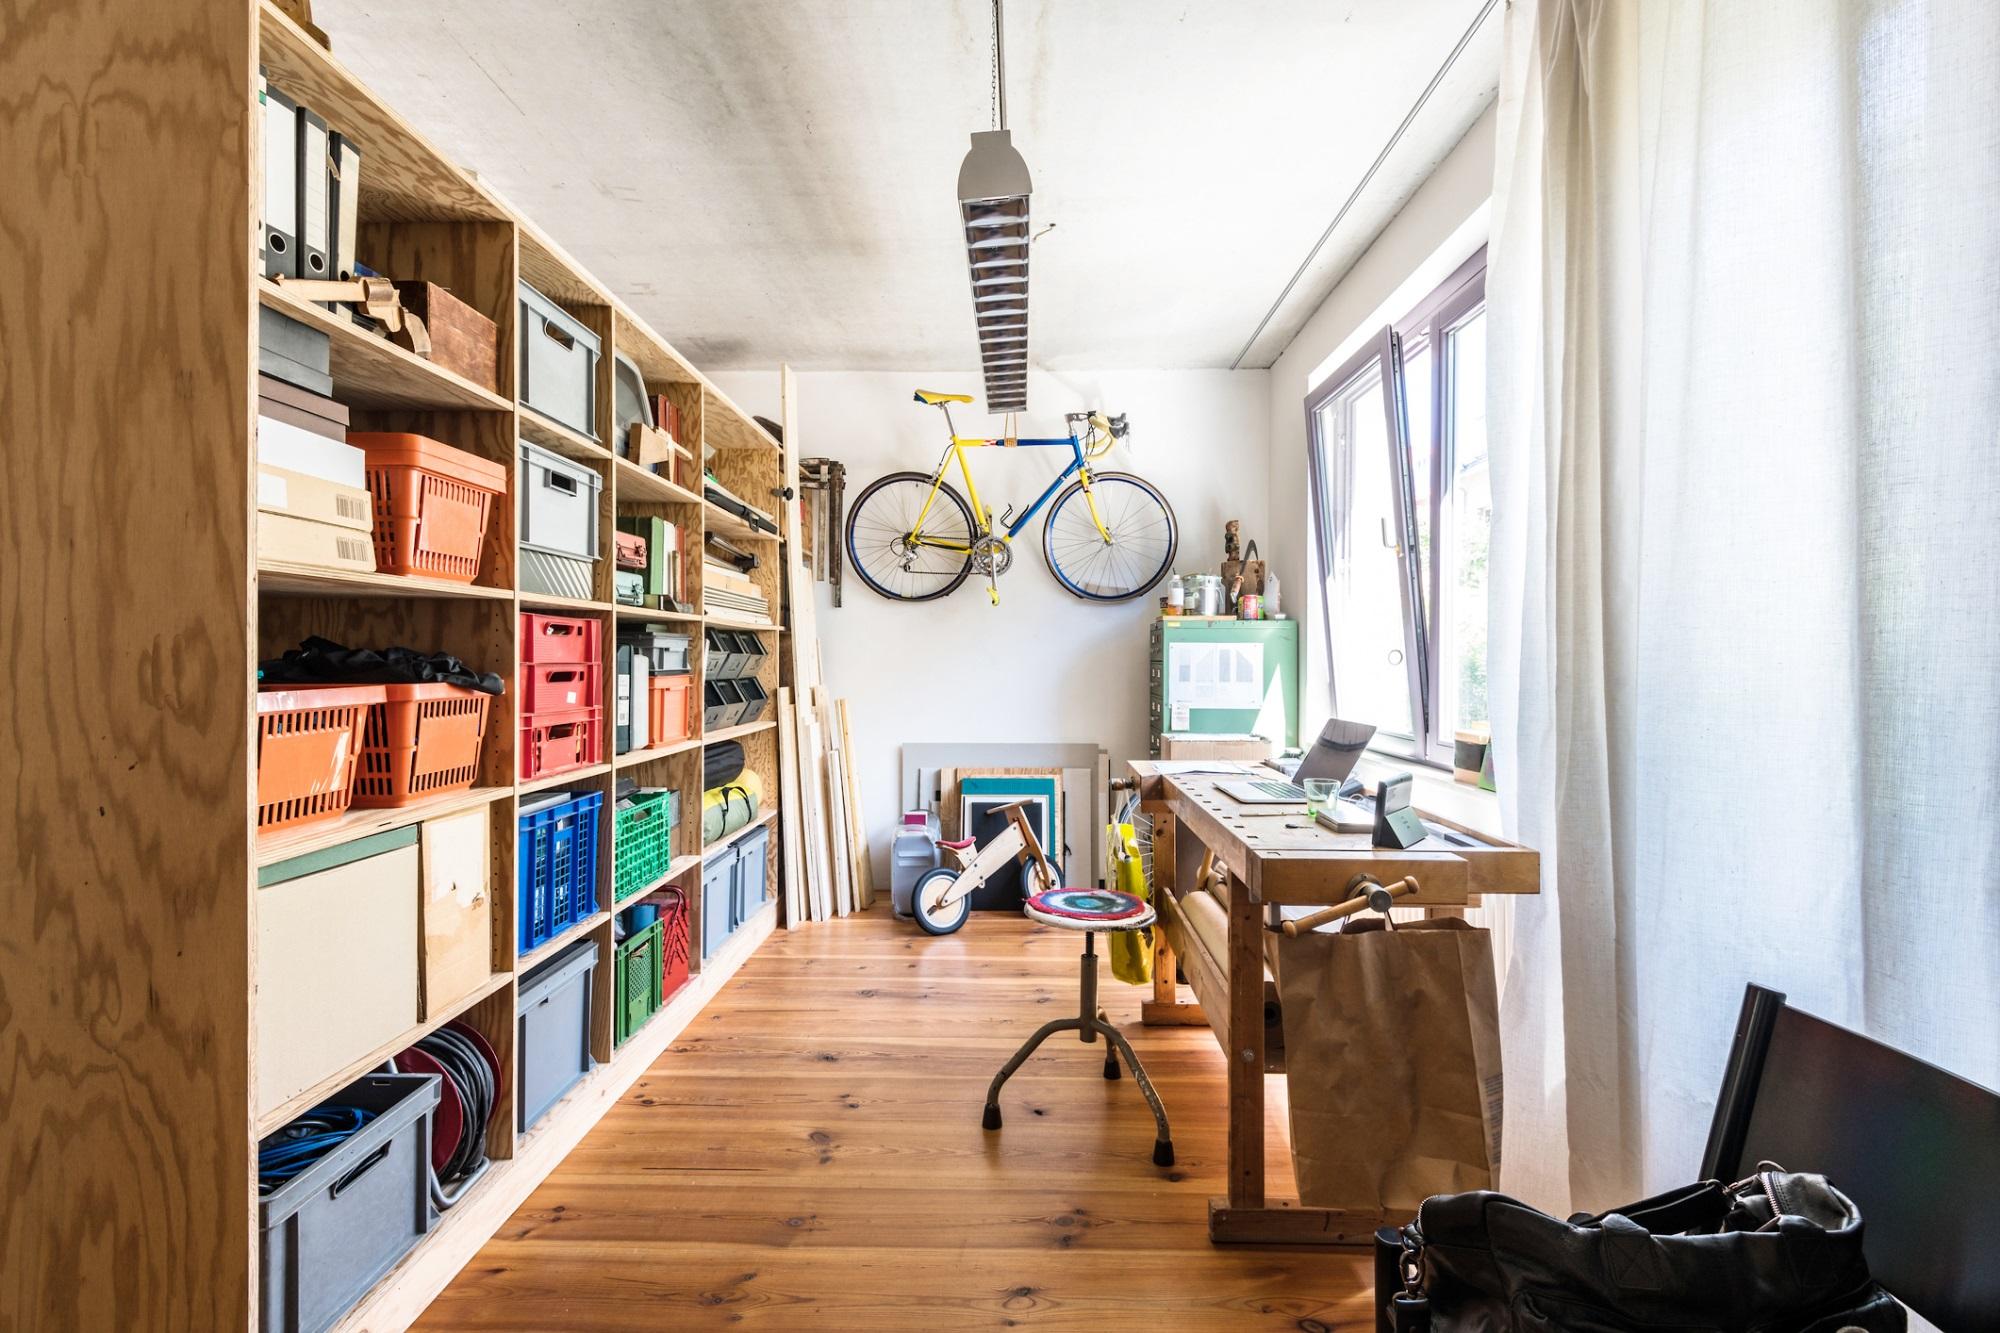 'Tiết lộ' vị trí đặt bàn làm việc tại nhà đem lại nguồn cảm hứng và năng suất lao động - Ảnh 1